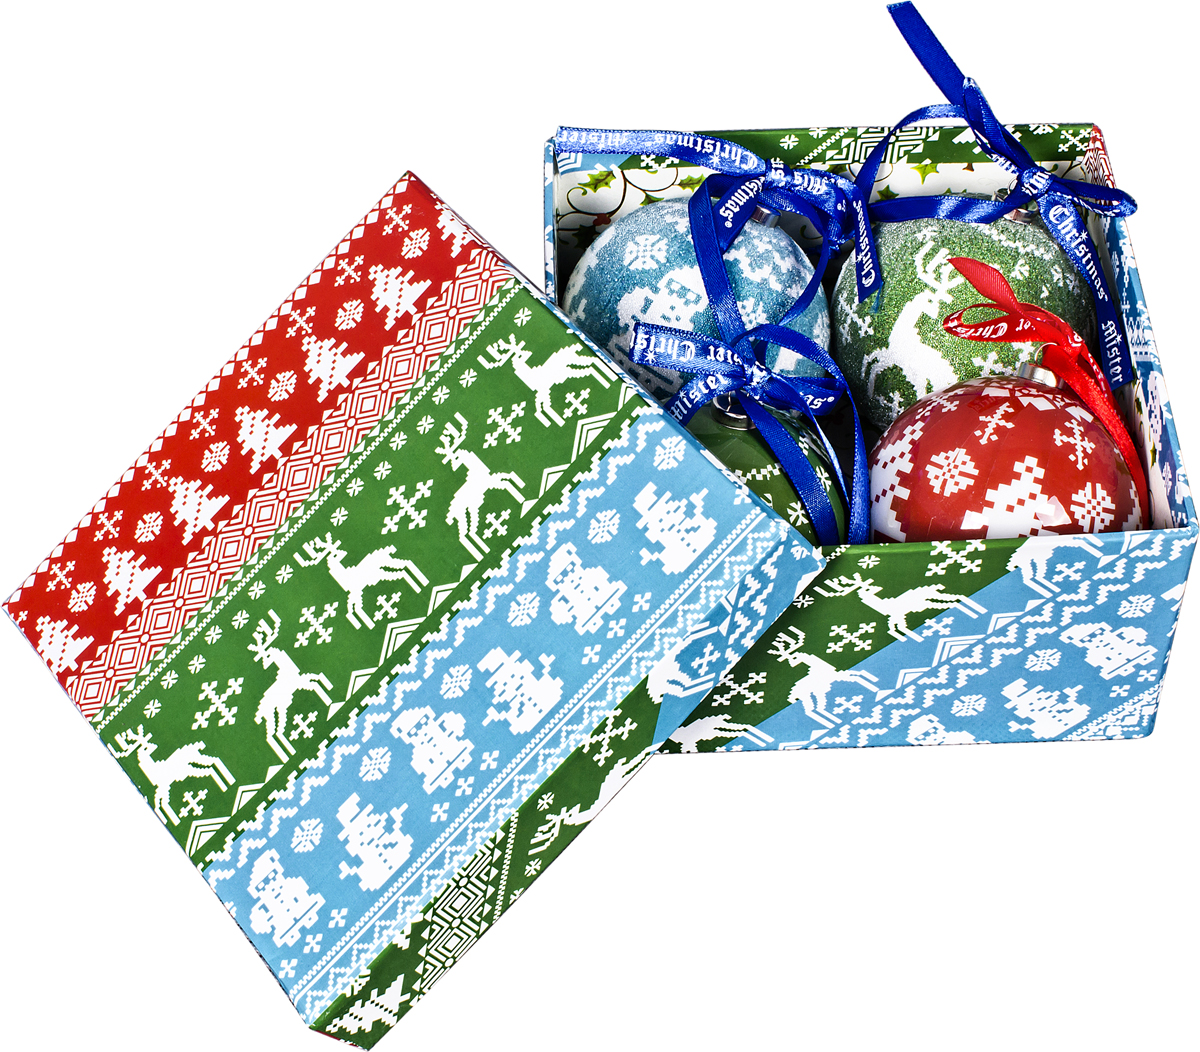 Набор новогодних подвесных украшений Mister Christmas Папье-маше, диаметр 7,5 см, 4 шт. PM-43-4PM-43-4Набор из 4 подвесных украшений Mister Christmas Папье-маше прекрасно подойдет для праздничного декора новогодней ели. Изделия, выполненные из бумаги и покрытые несколькими слоями лака, очень прочные и легкие. Такие шары создадут единый стиль в оформлении не только ели, но и интерьера вашего дома. В наборе игрушки имеют глянцевую поверхность и покрытые мелкой пластиковой крошкой. Все изделия оснащены атласной ленточкой с логотипом бренда Mister Christmas для подвешивания. Такие украшения станут превосходным подарком к Новому году, а также дополнят коллекцию оригинальных новогодних елочных игрушек.